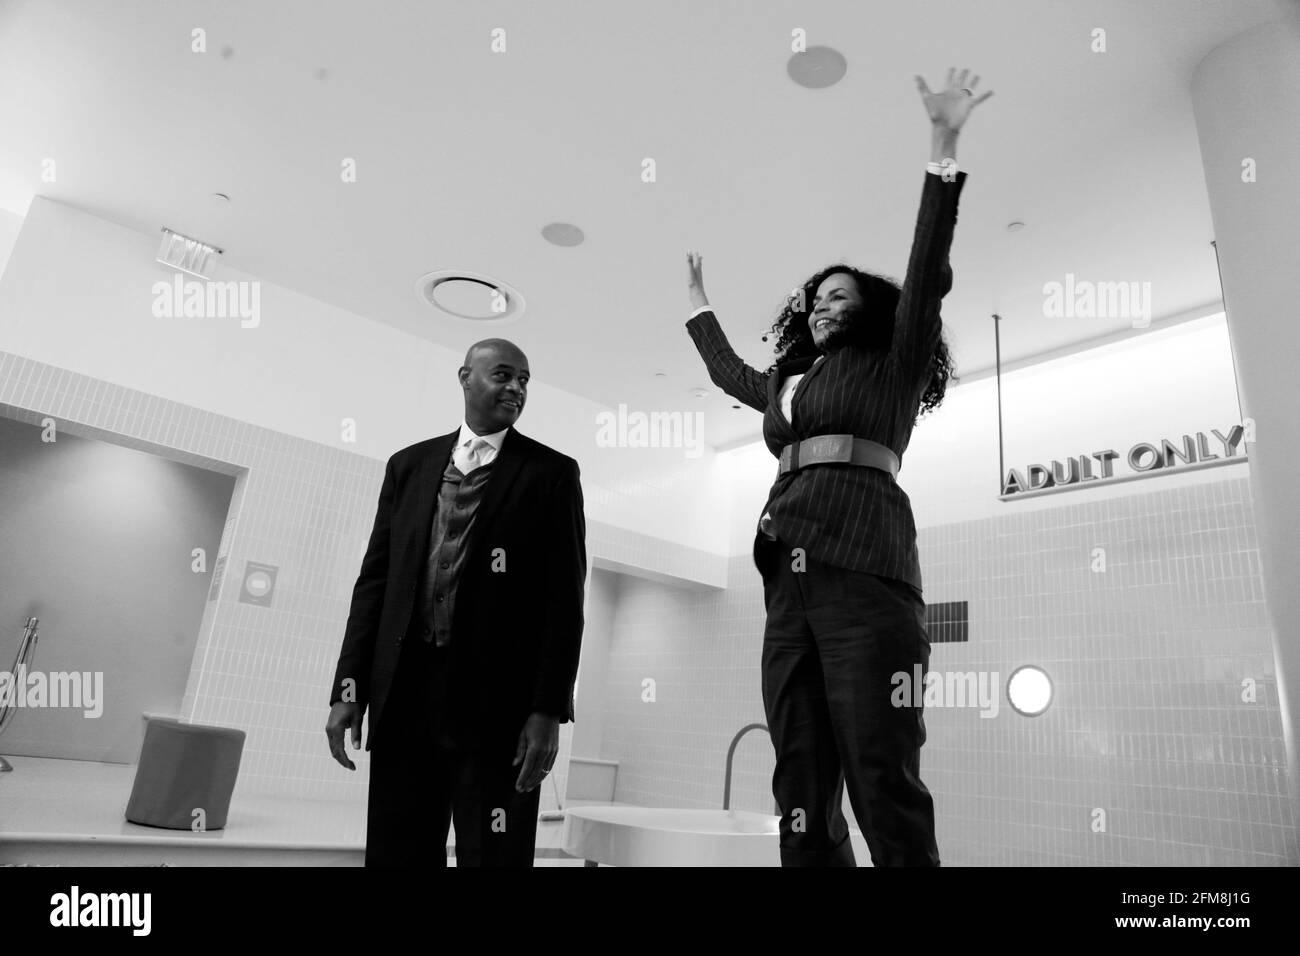 New York, NY, États-Unis. 6 mai 2021. Le candidat Mayoral de New York, Ray McGuire, et l'auteur/producteur de télévision, Crystal McGuire, assistent à un forum avec des chefs d'entreprise sur ses lignes directrices pour le retour de New York, organisé par Manish Vora, co-PDG et fondateur du musée de la crème glacée, puis sert de la crème glacée à la communauté du Section Soho de New York le 6 mai 2021. Crédit : Mpi43/Media Punch/Alamy Live News Banque D'Images